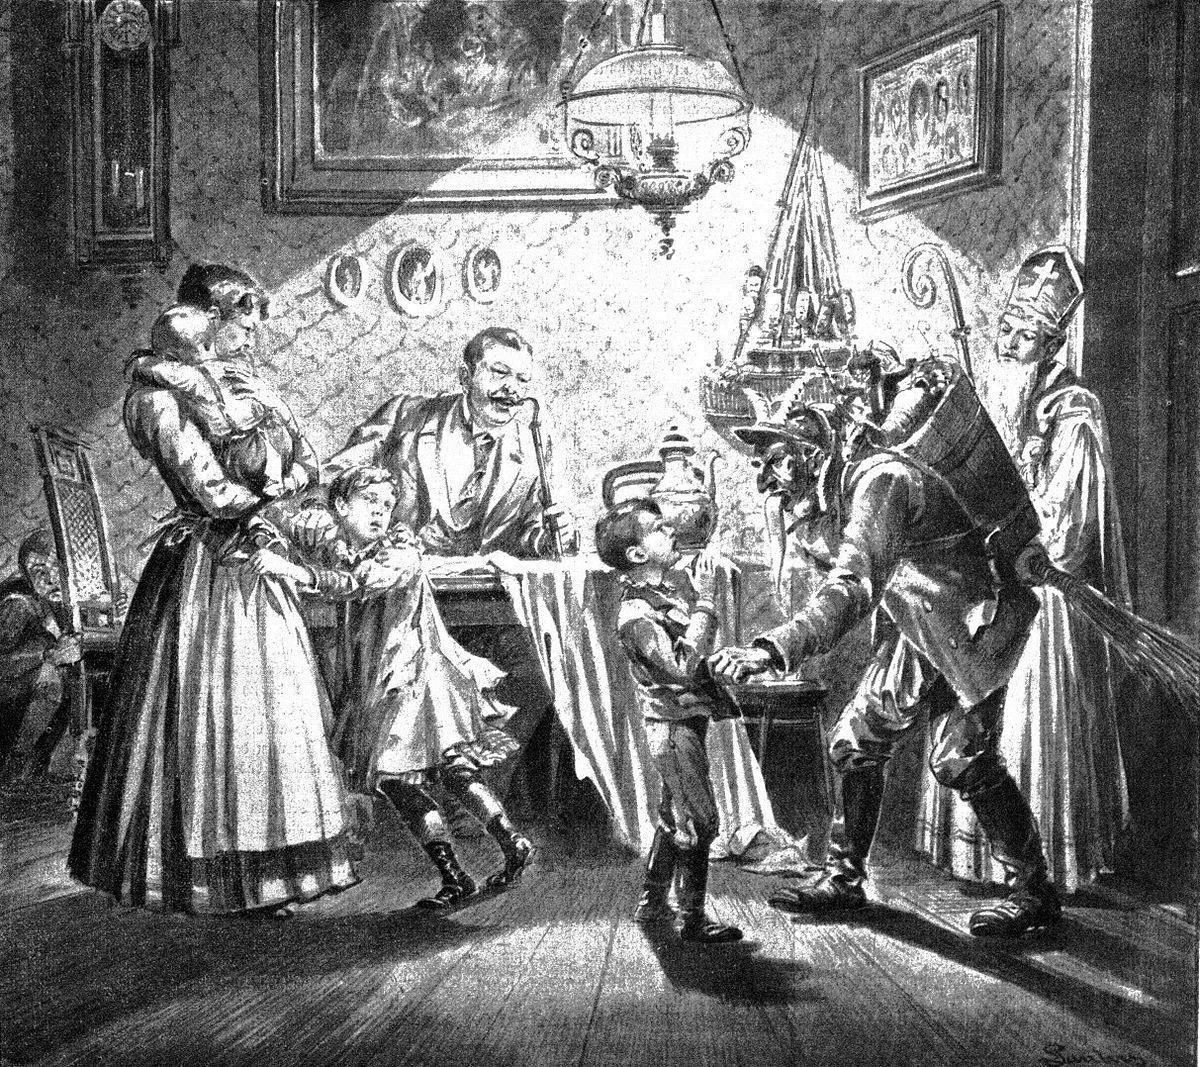 Til december 5th is krampusnacht or krampus night when